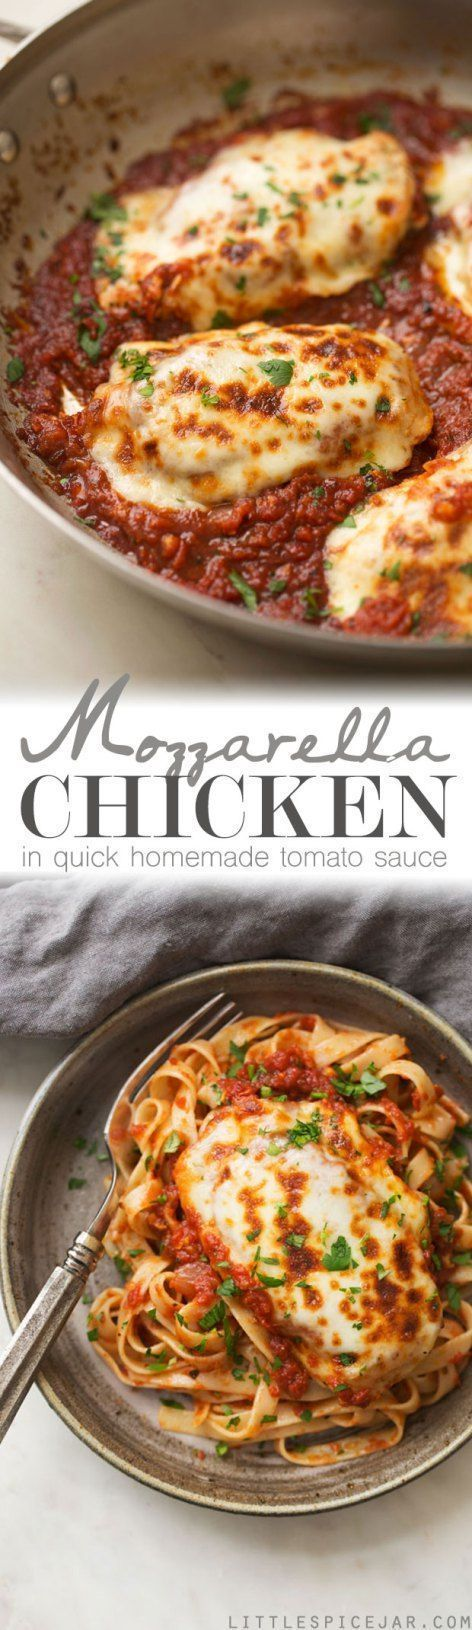 Easy quick delicious chicken recipes